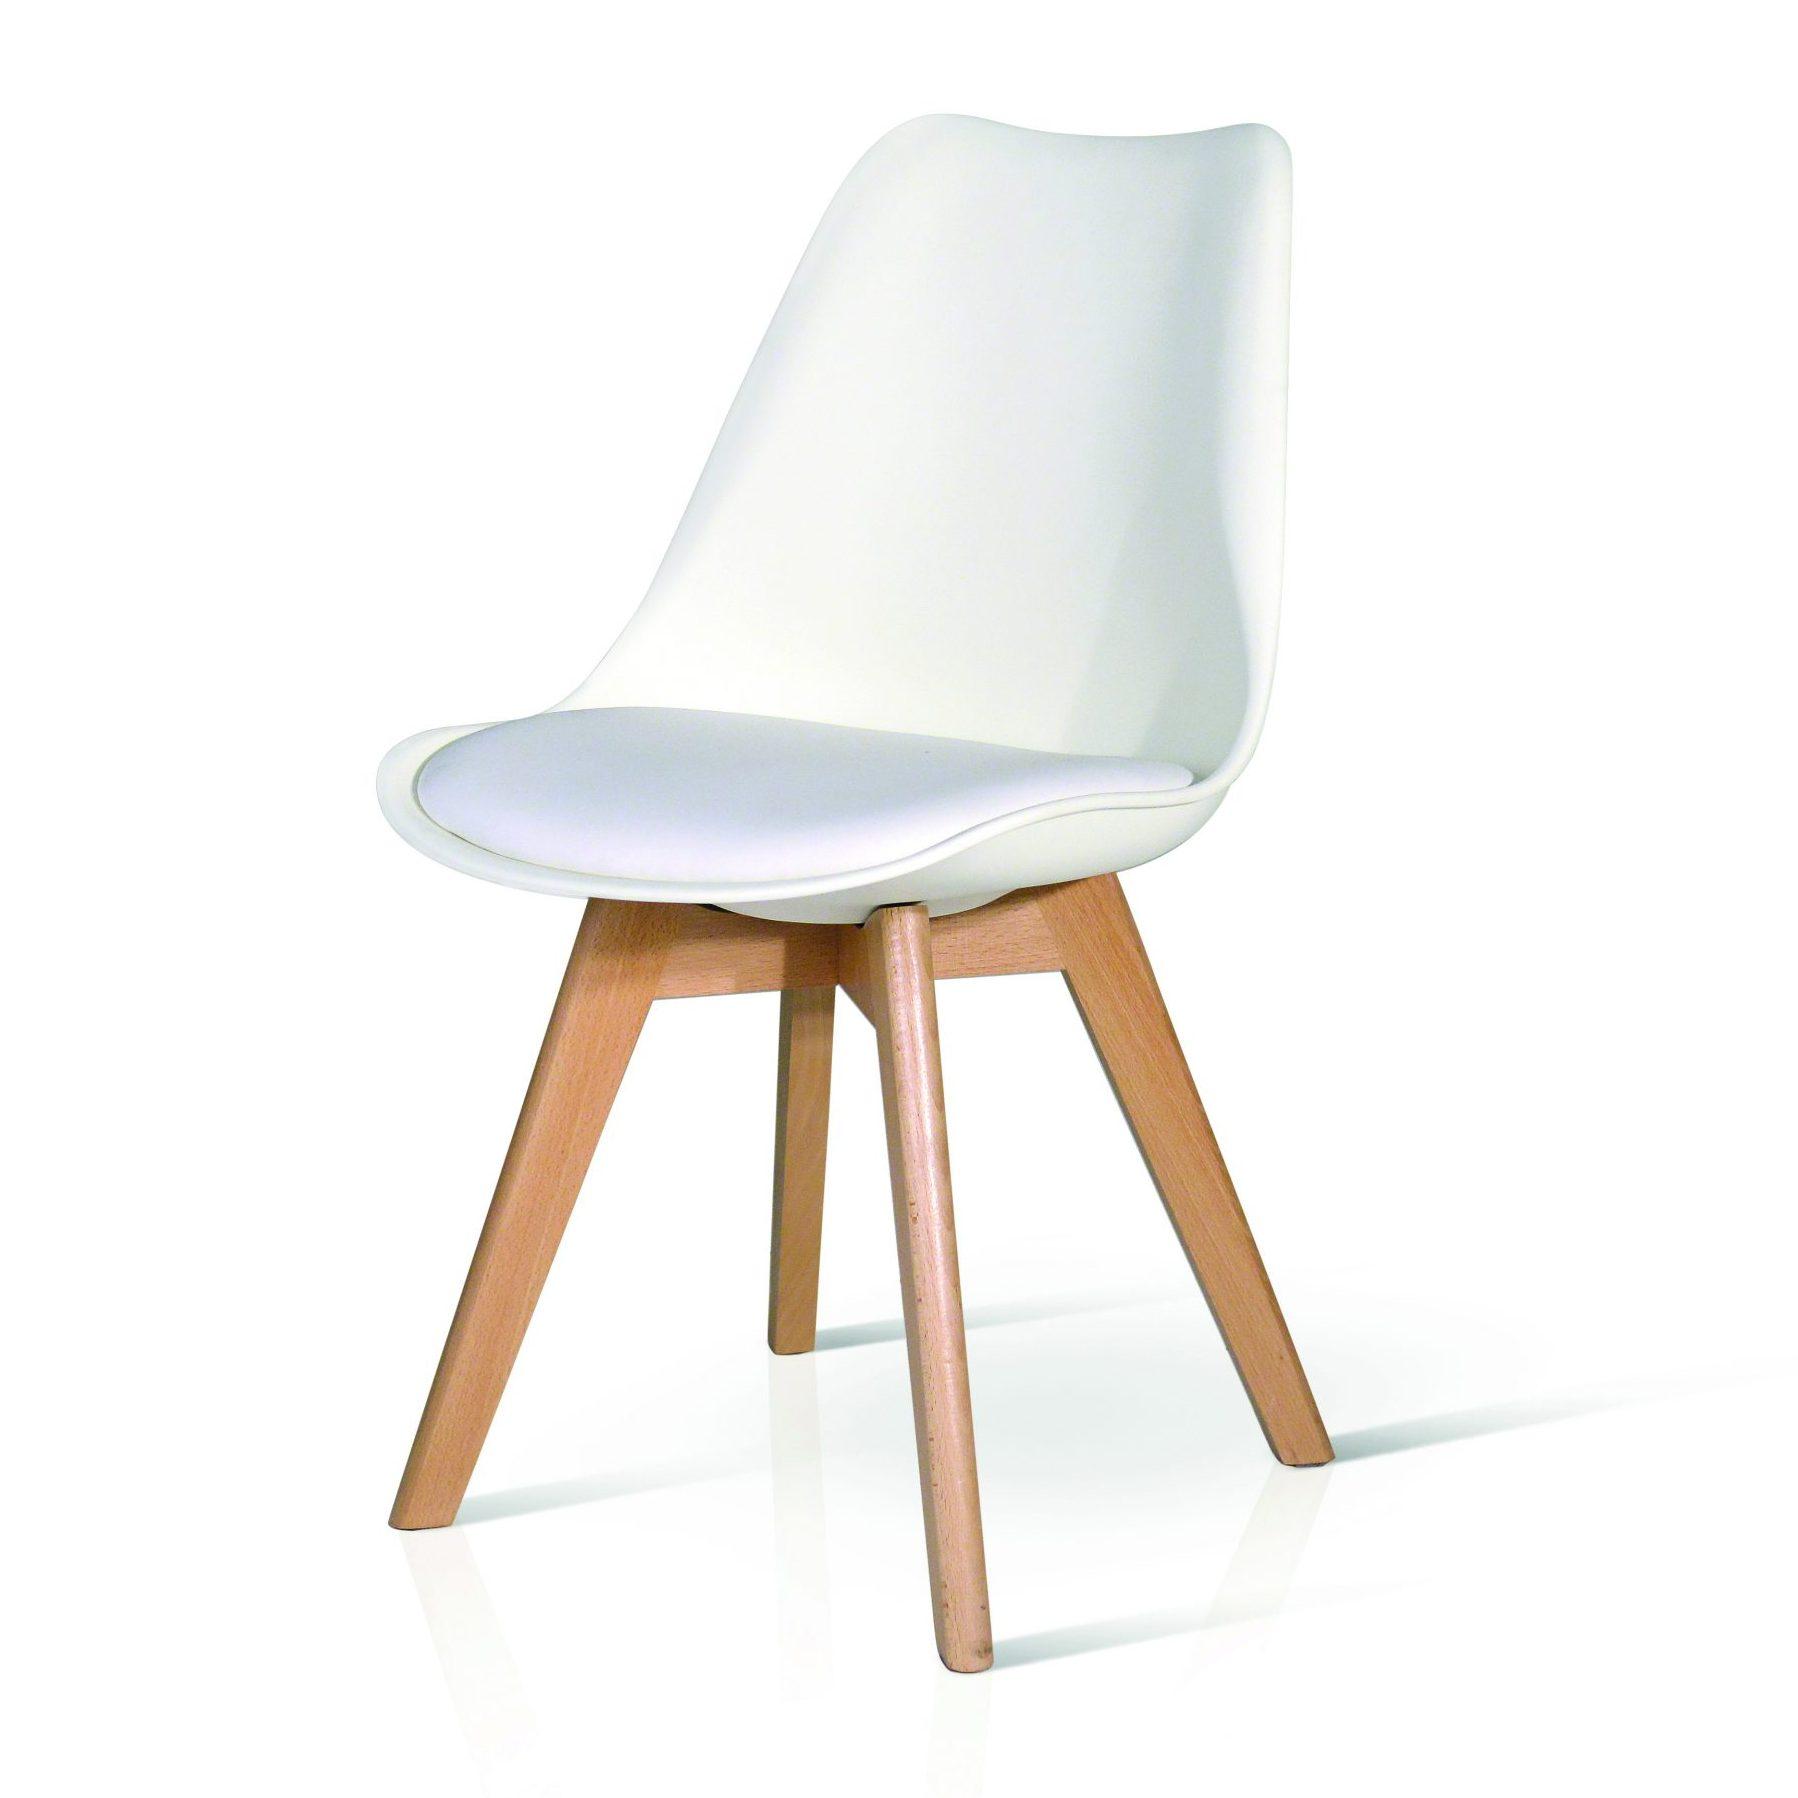 Sedia in stile classico modello 764